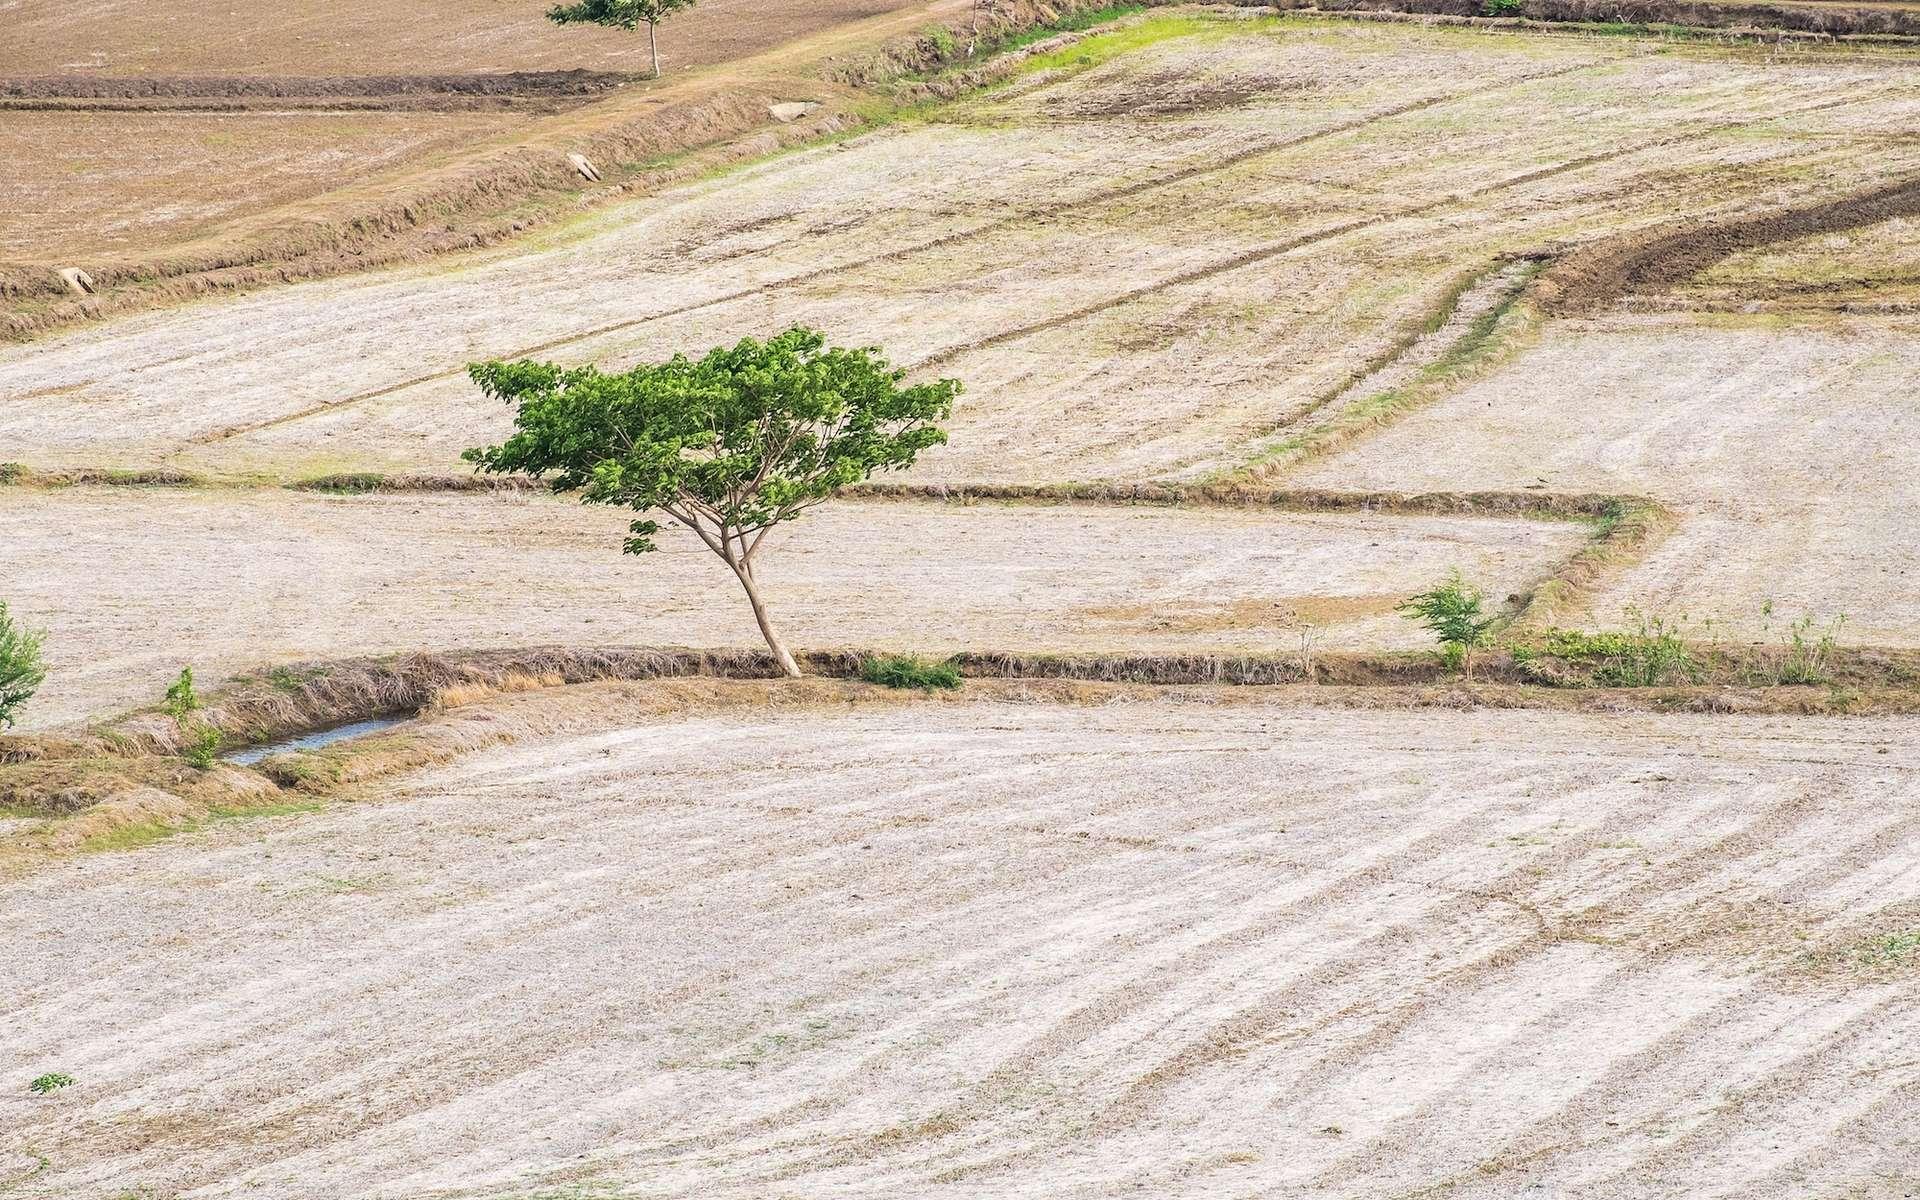 La sécheresse extrême qui a frappé la Syrie au cours des années 2000 a dévasté le secteur agricole et fait des milliers de déplacés. Une étude montre qu'elle fut 10 à 20 % plus intense que la plus terrible des sécheresses de ces neuf derniers siècles. © Mumemories, shutterstock.com